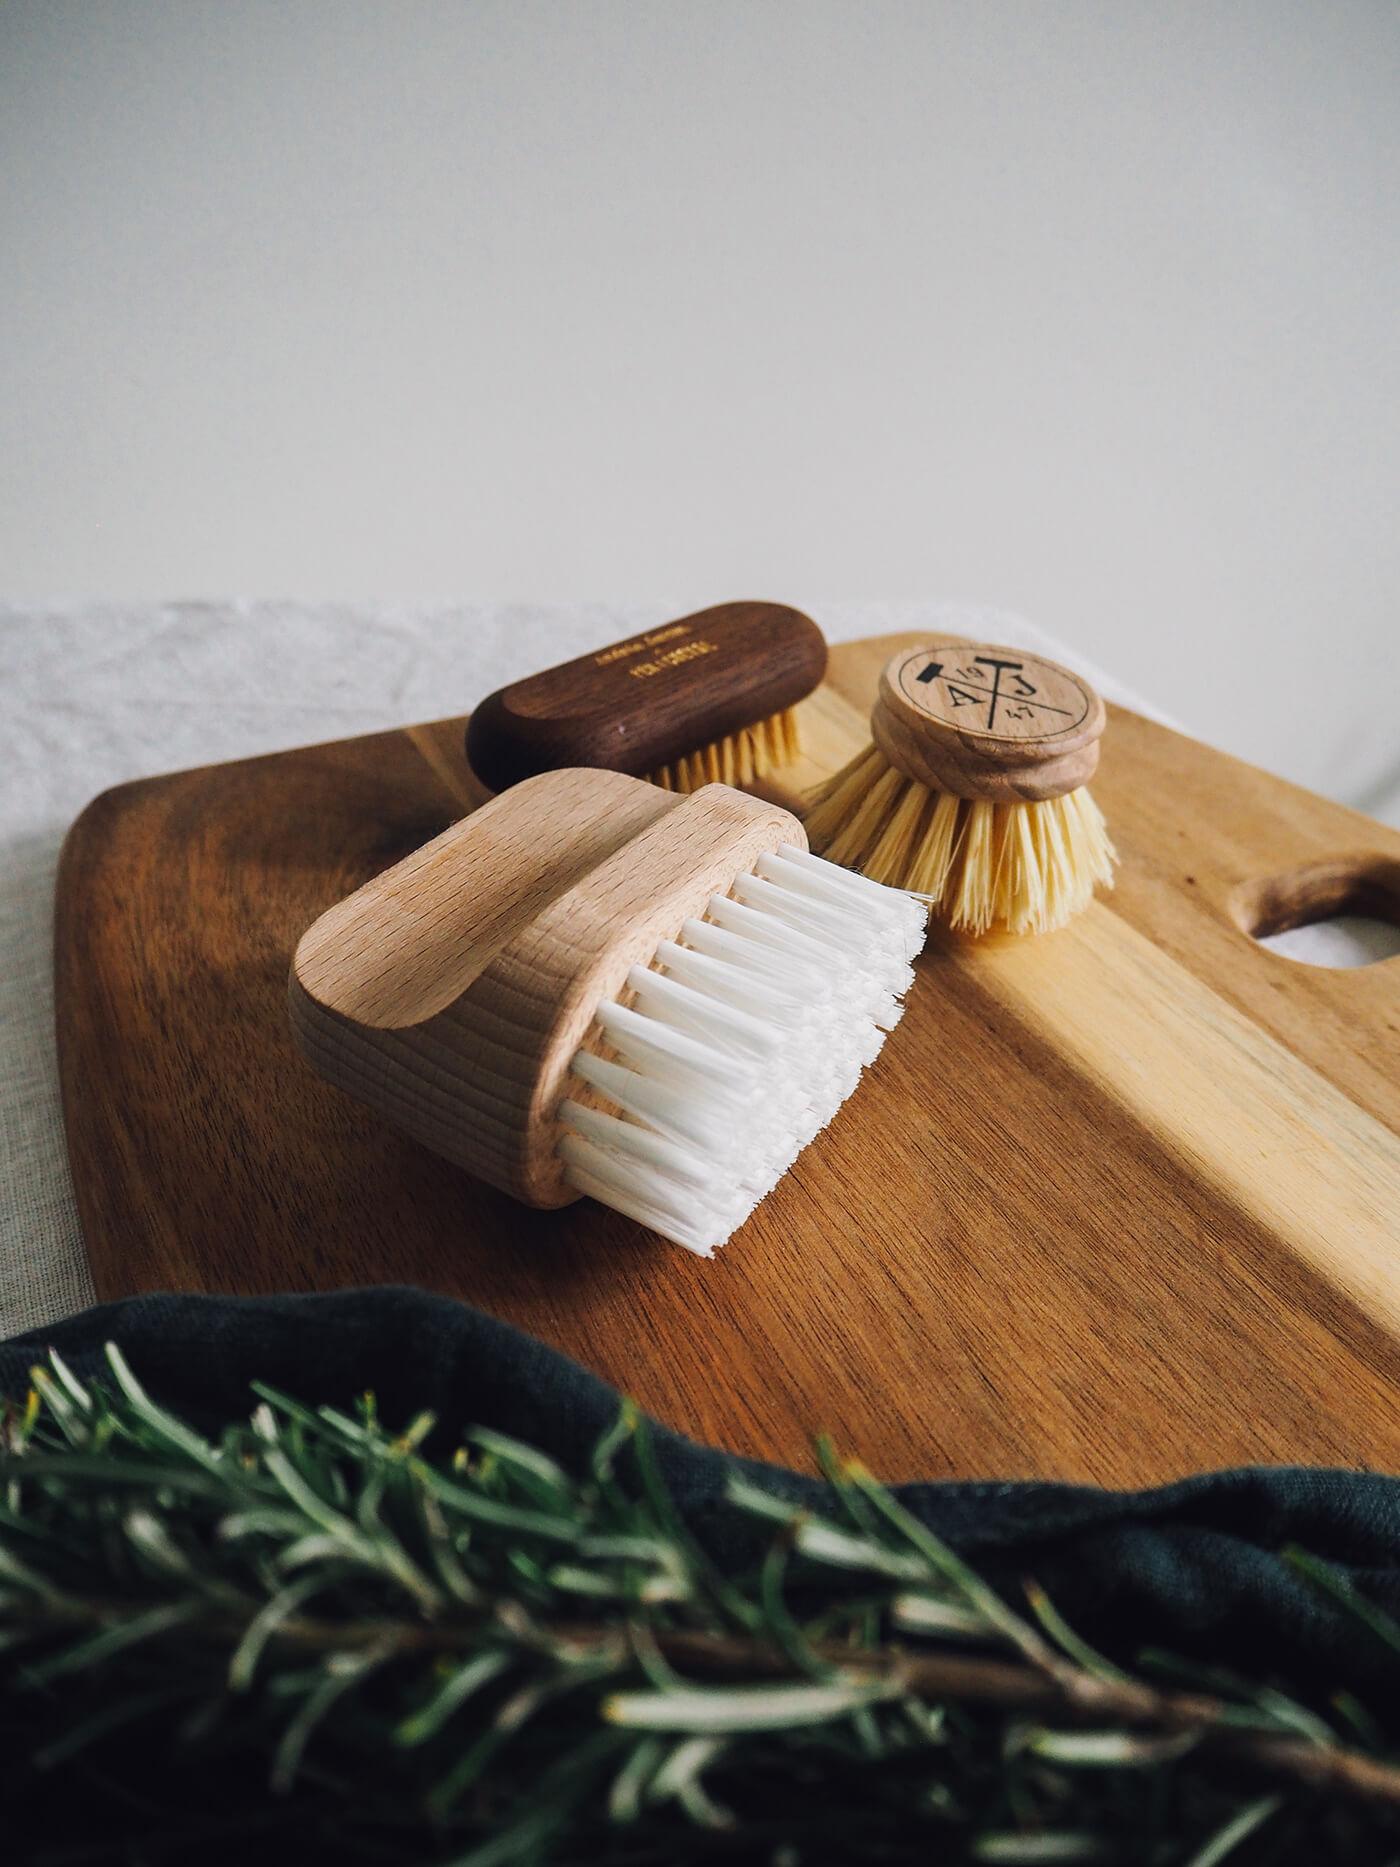 nos conseils pour nettoyer sa maison au naturel frenchy fancy. Black Bedroom Furniture Sets. Home Design Ideas